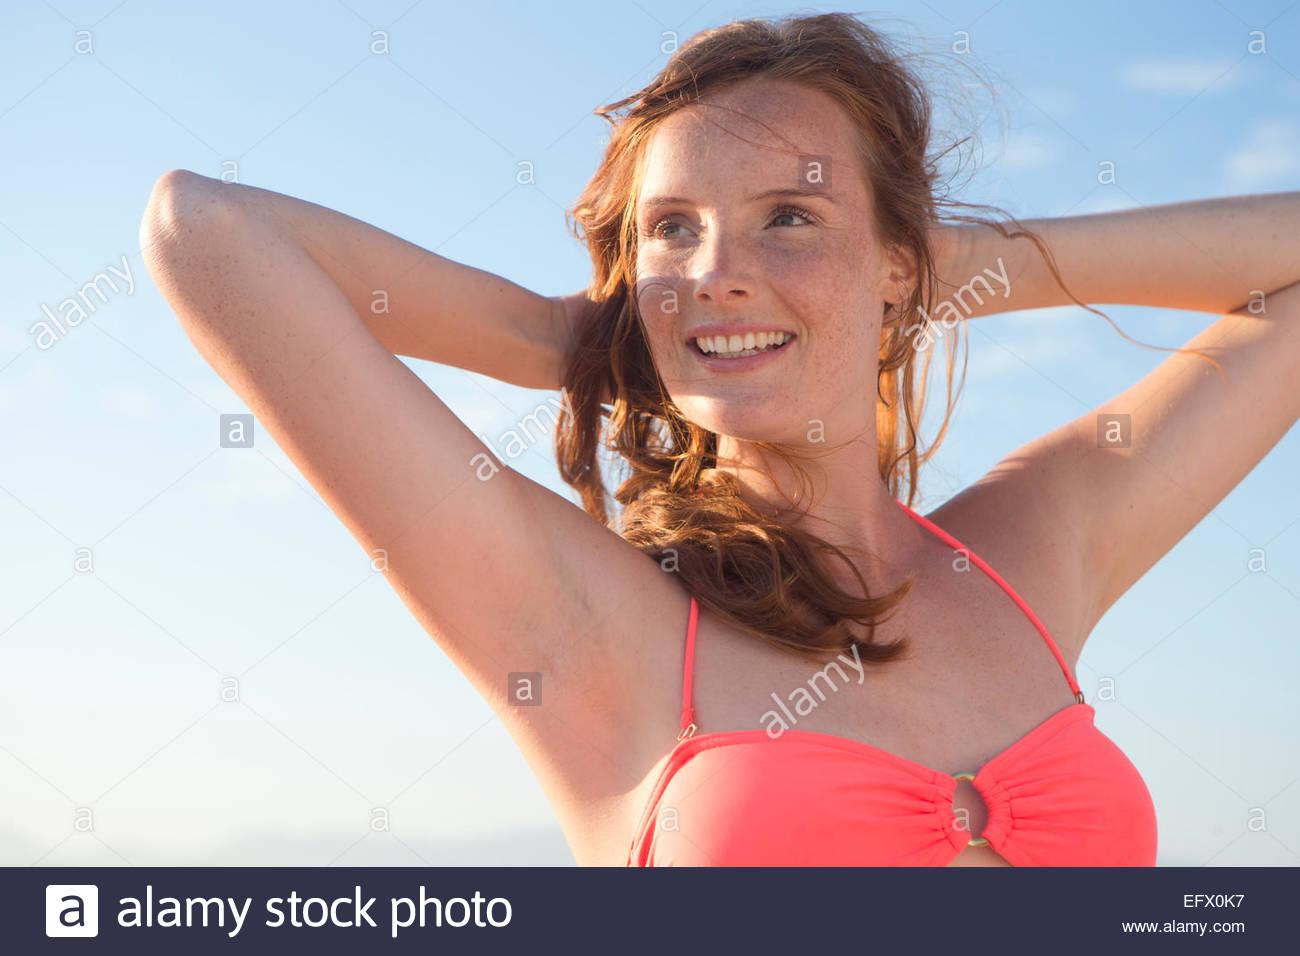 Mujer sonriente, con los brazos levantados por detrás de la cabeza, en sunny beach Imagen De Stock